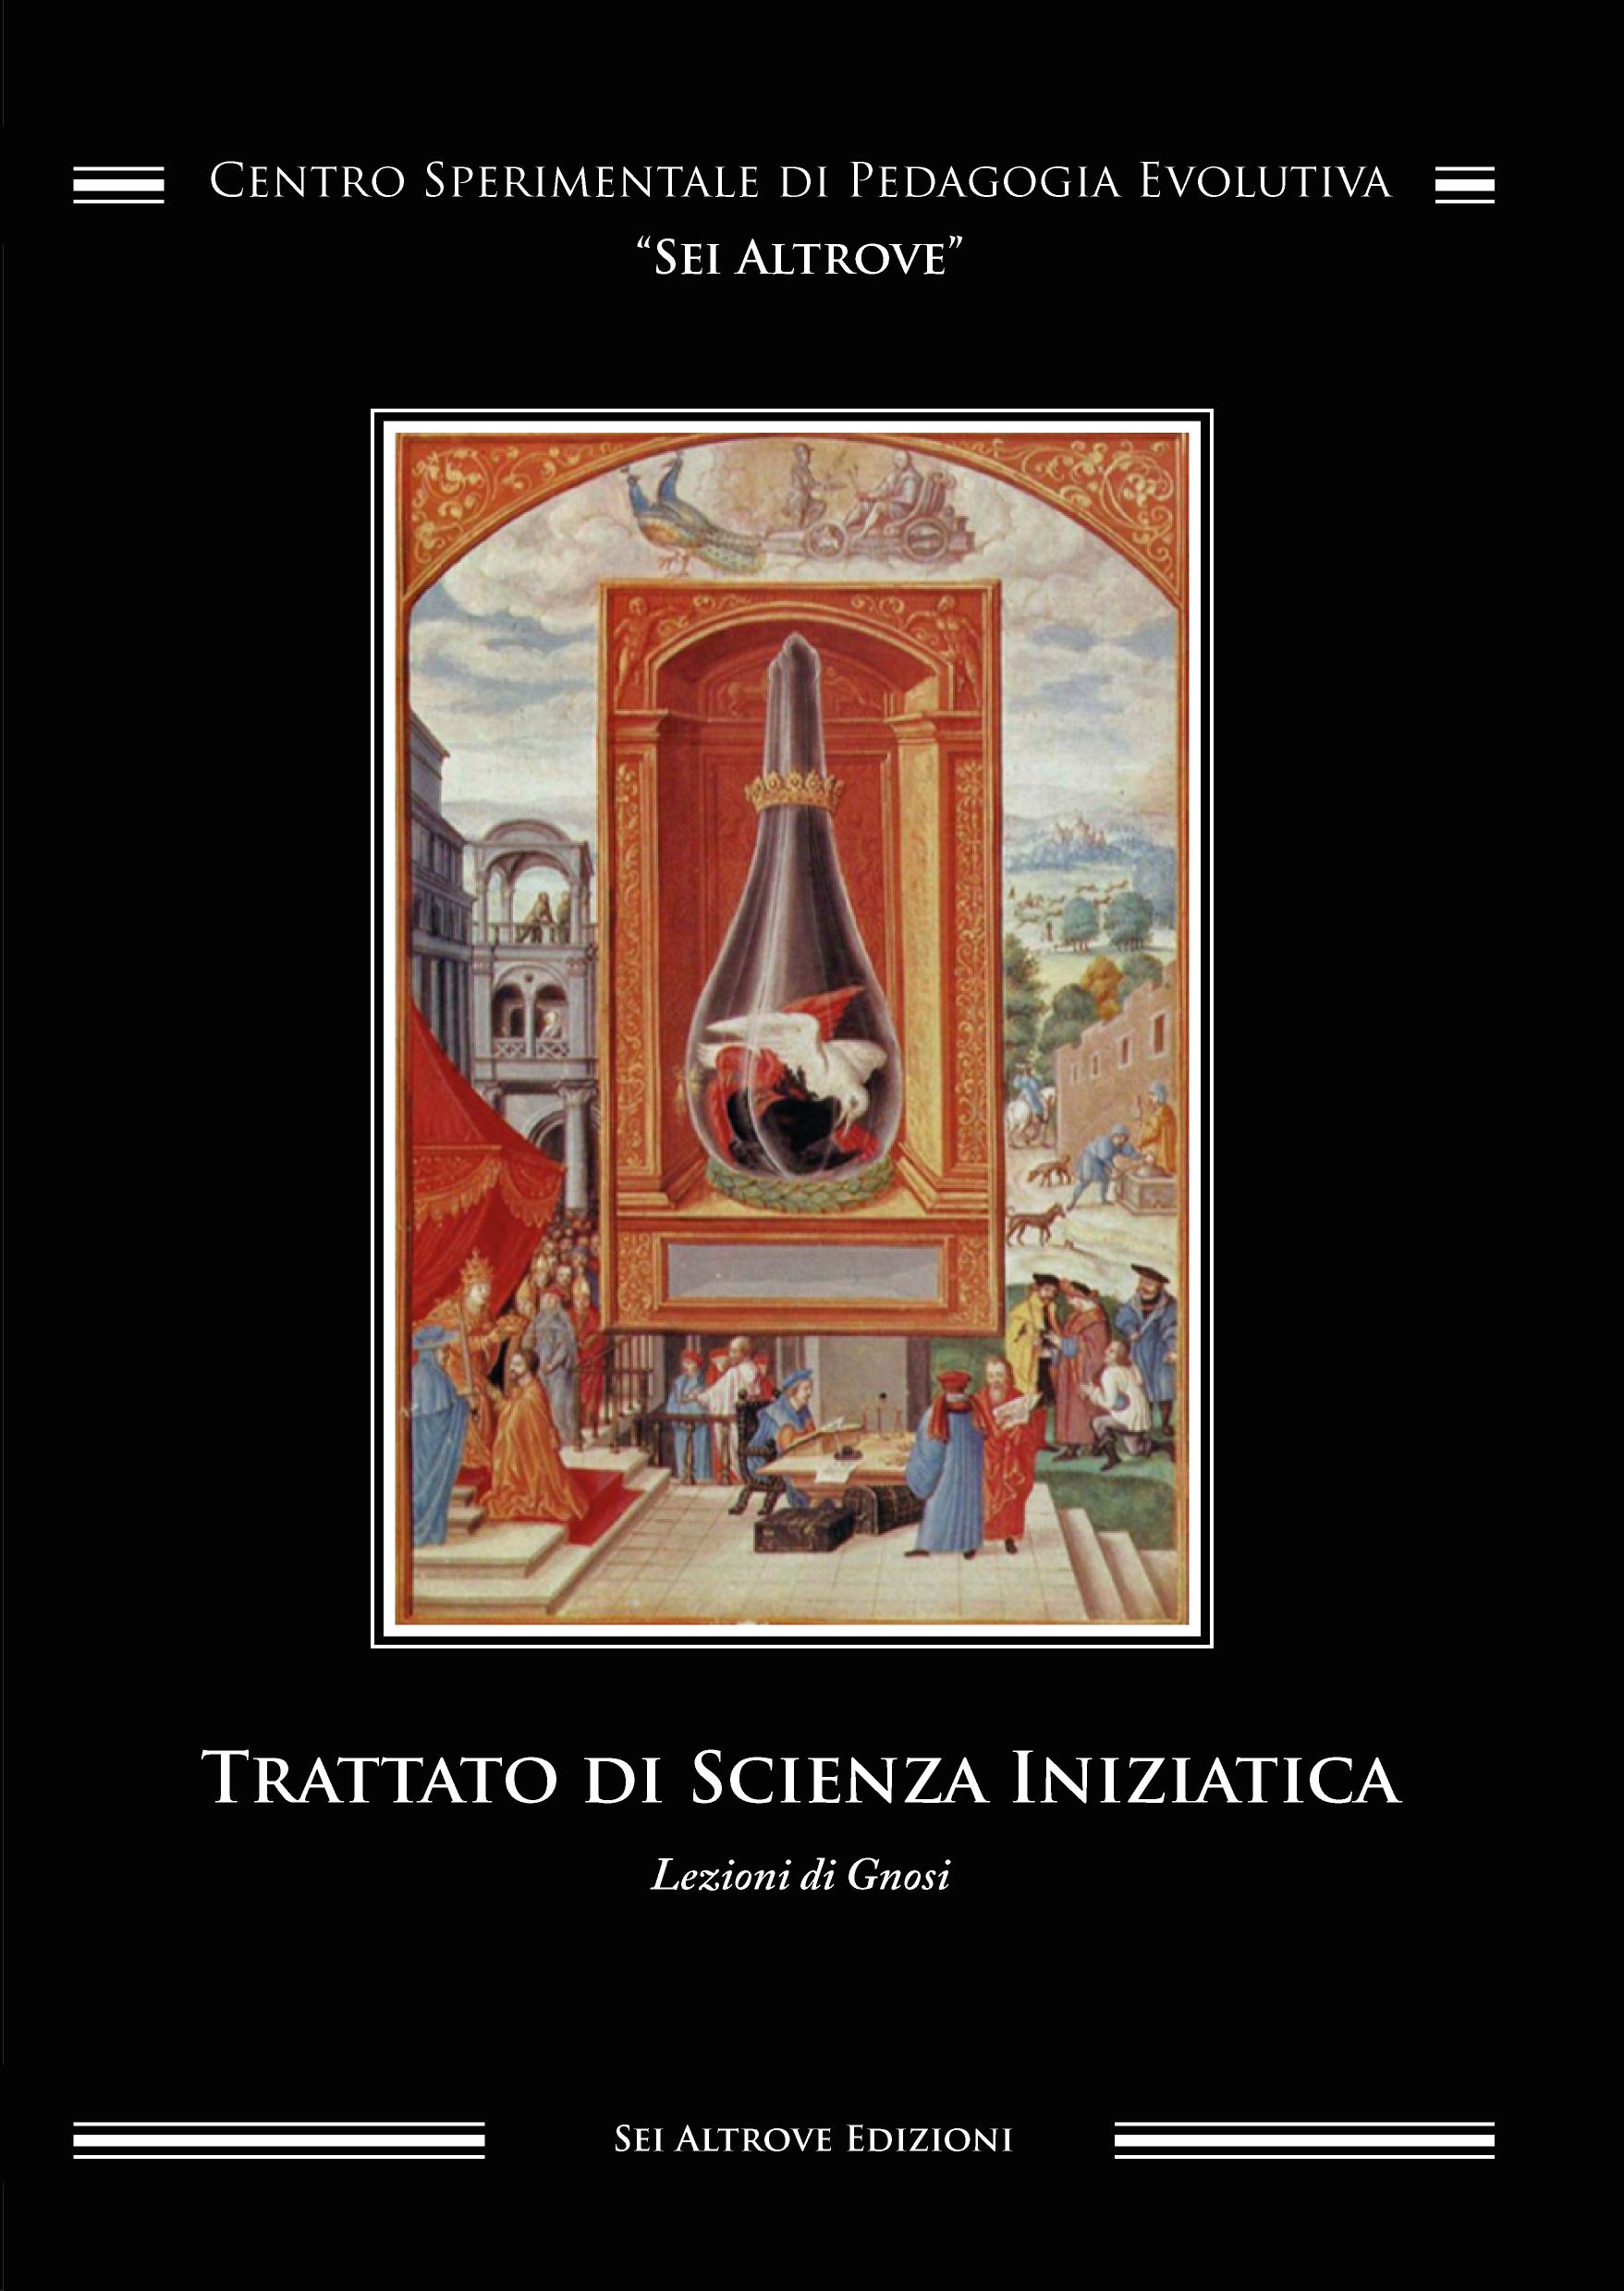 Trattato di Scienza Iniziatica